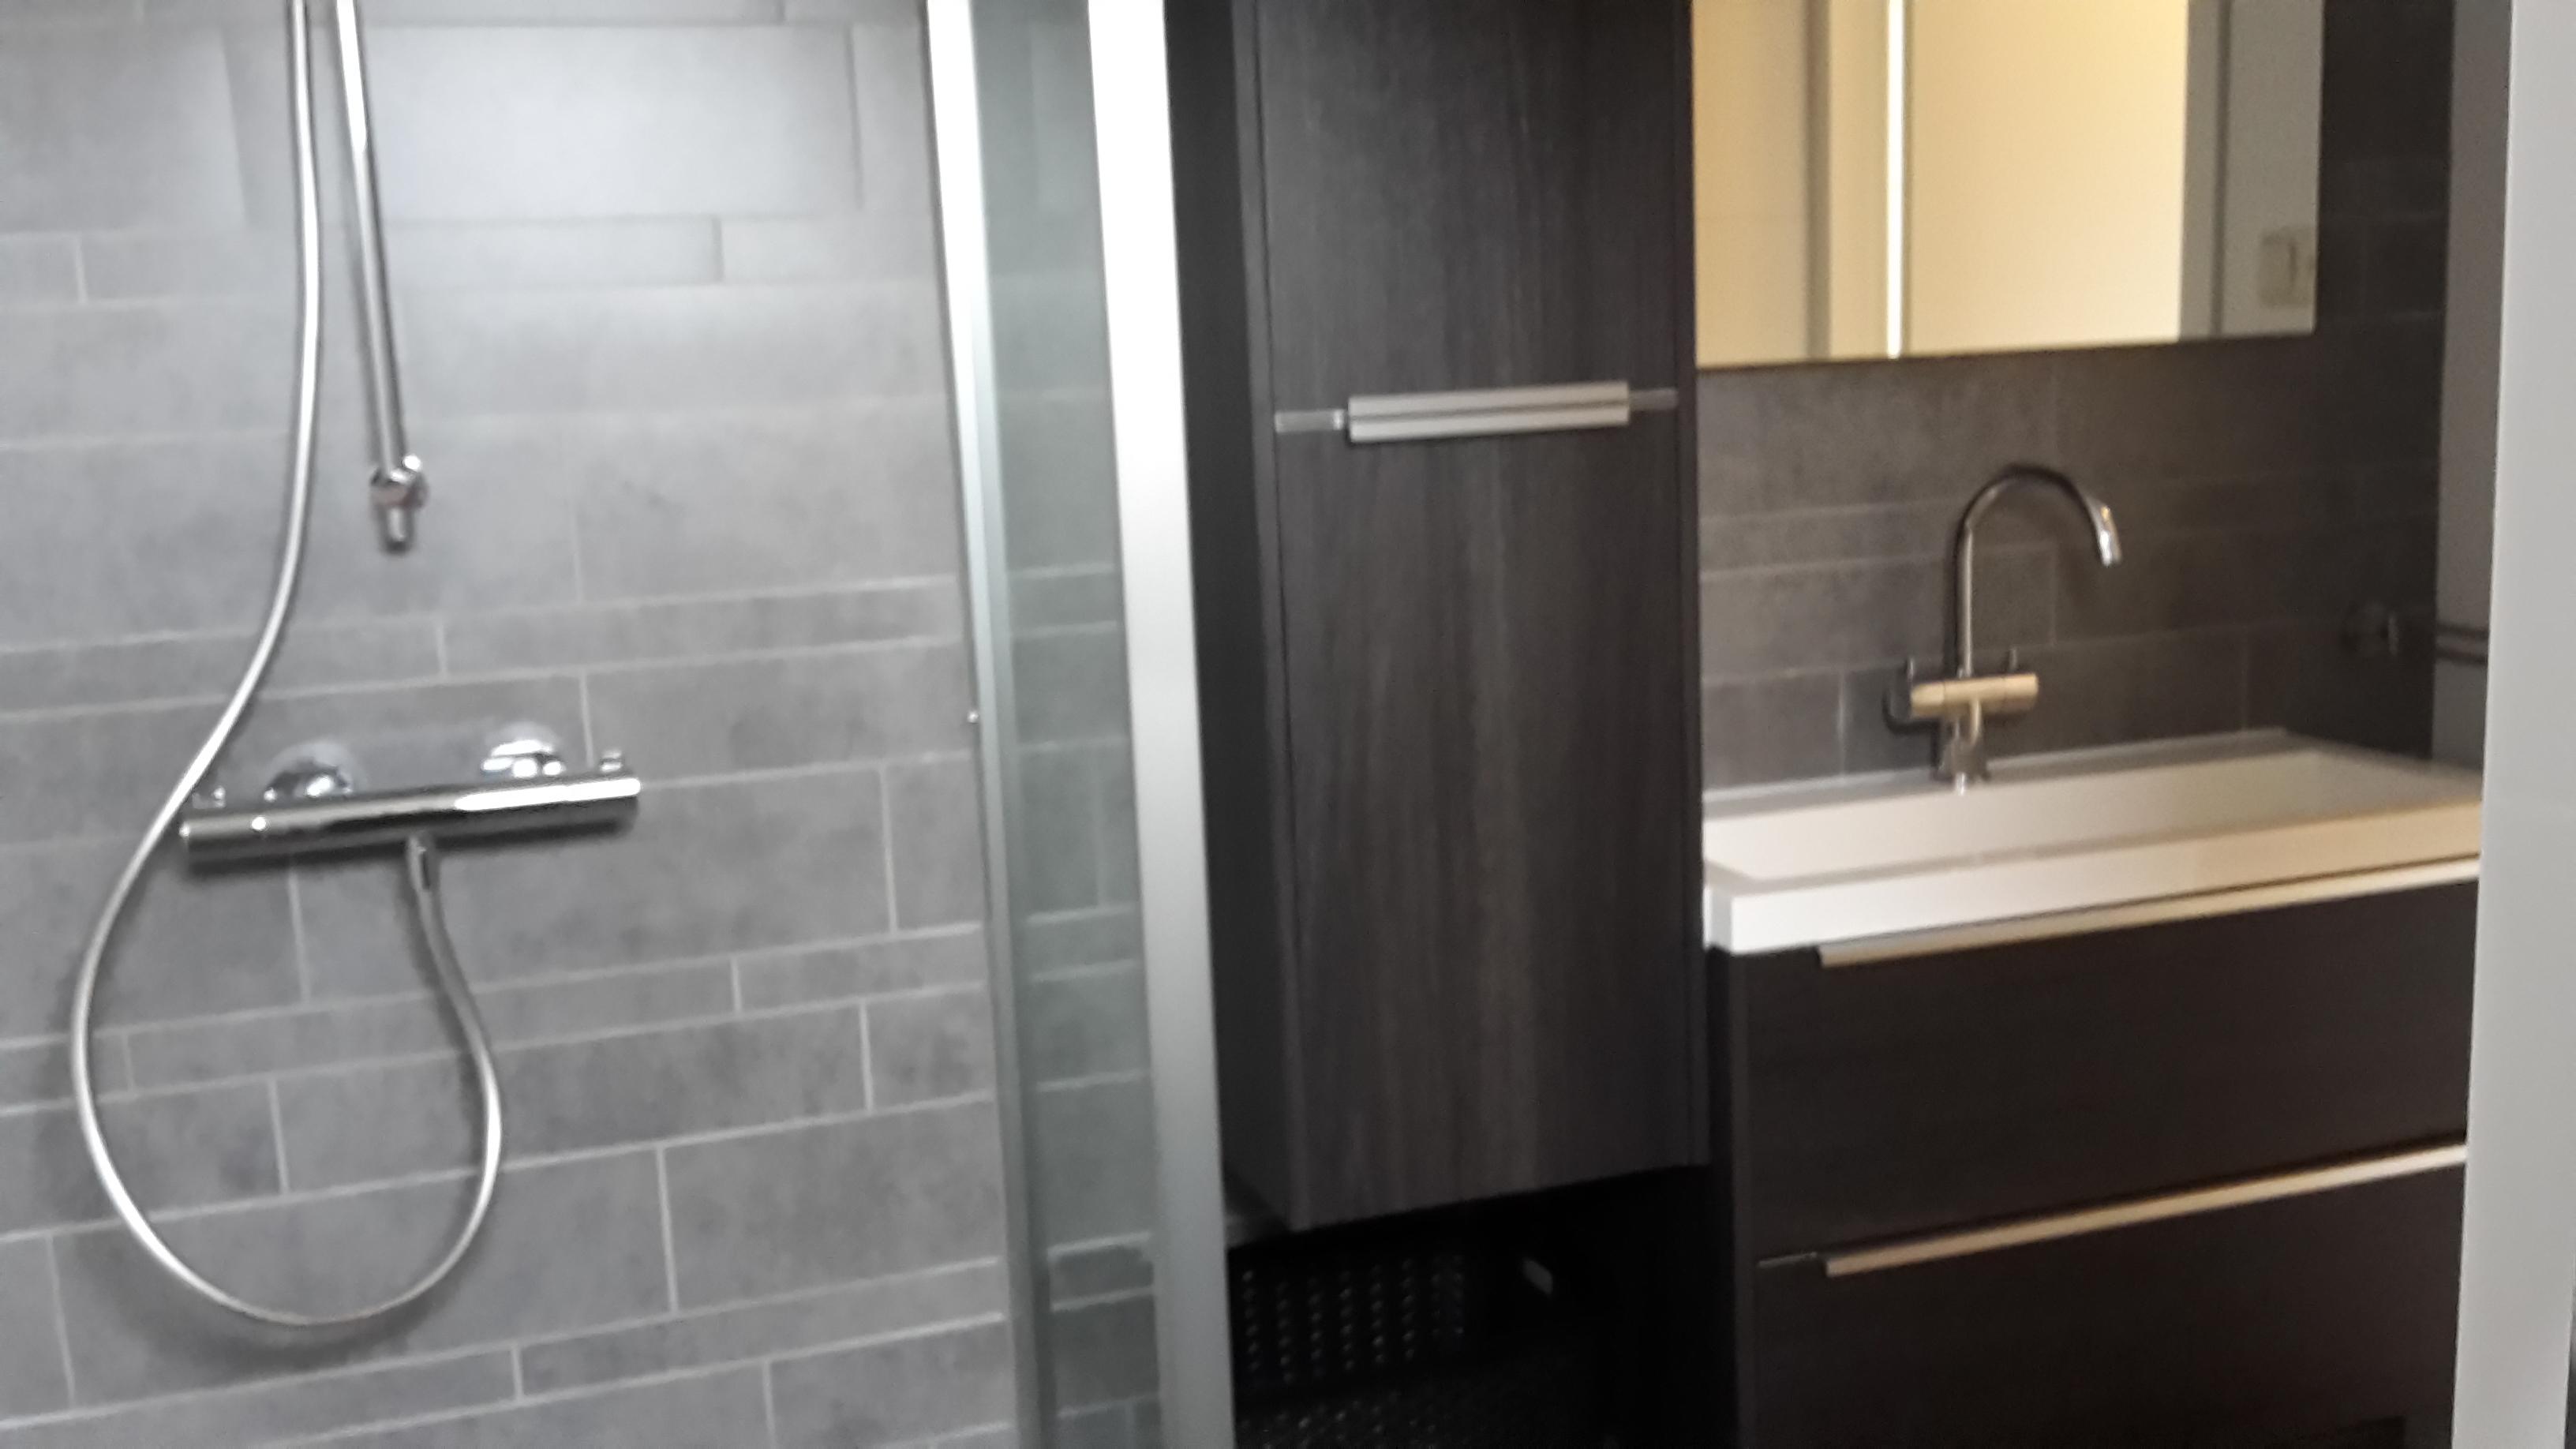 Tegels Badkamer Stroken : Badkamer leek t riemersma bouw onderhoud